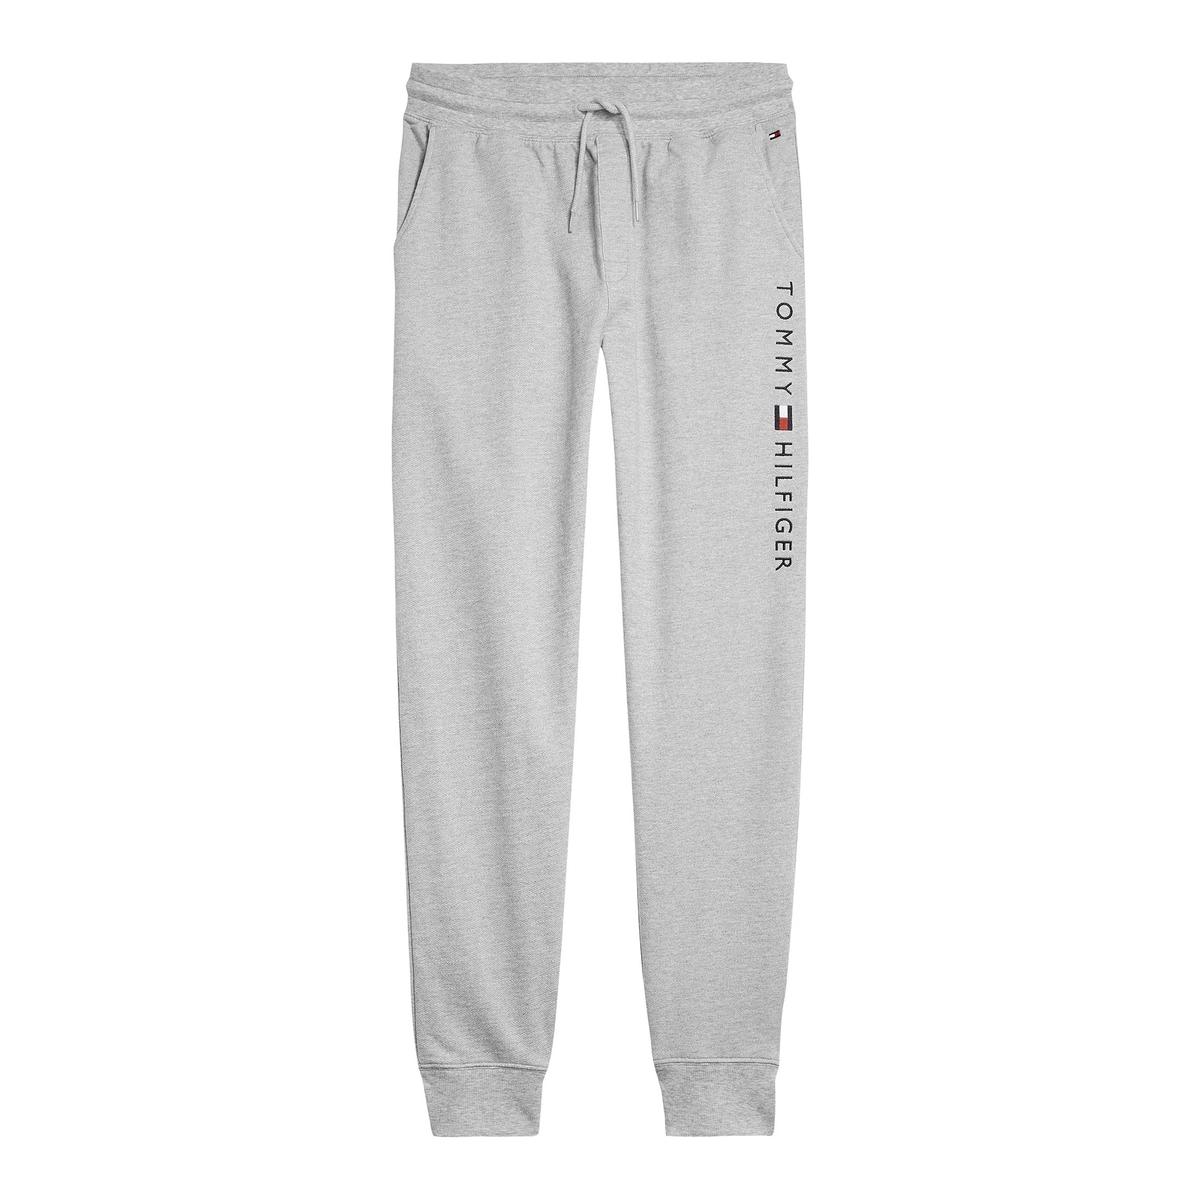 Calças de pijama, em moletão